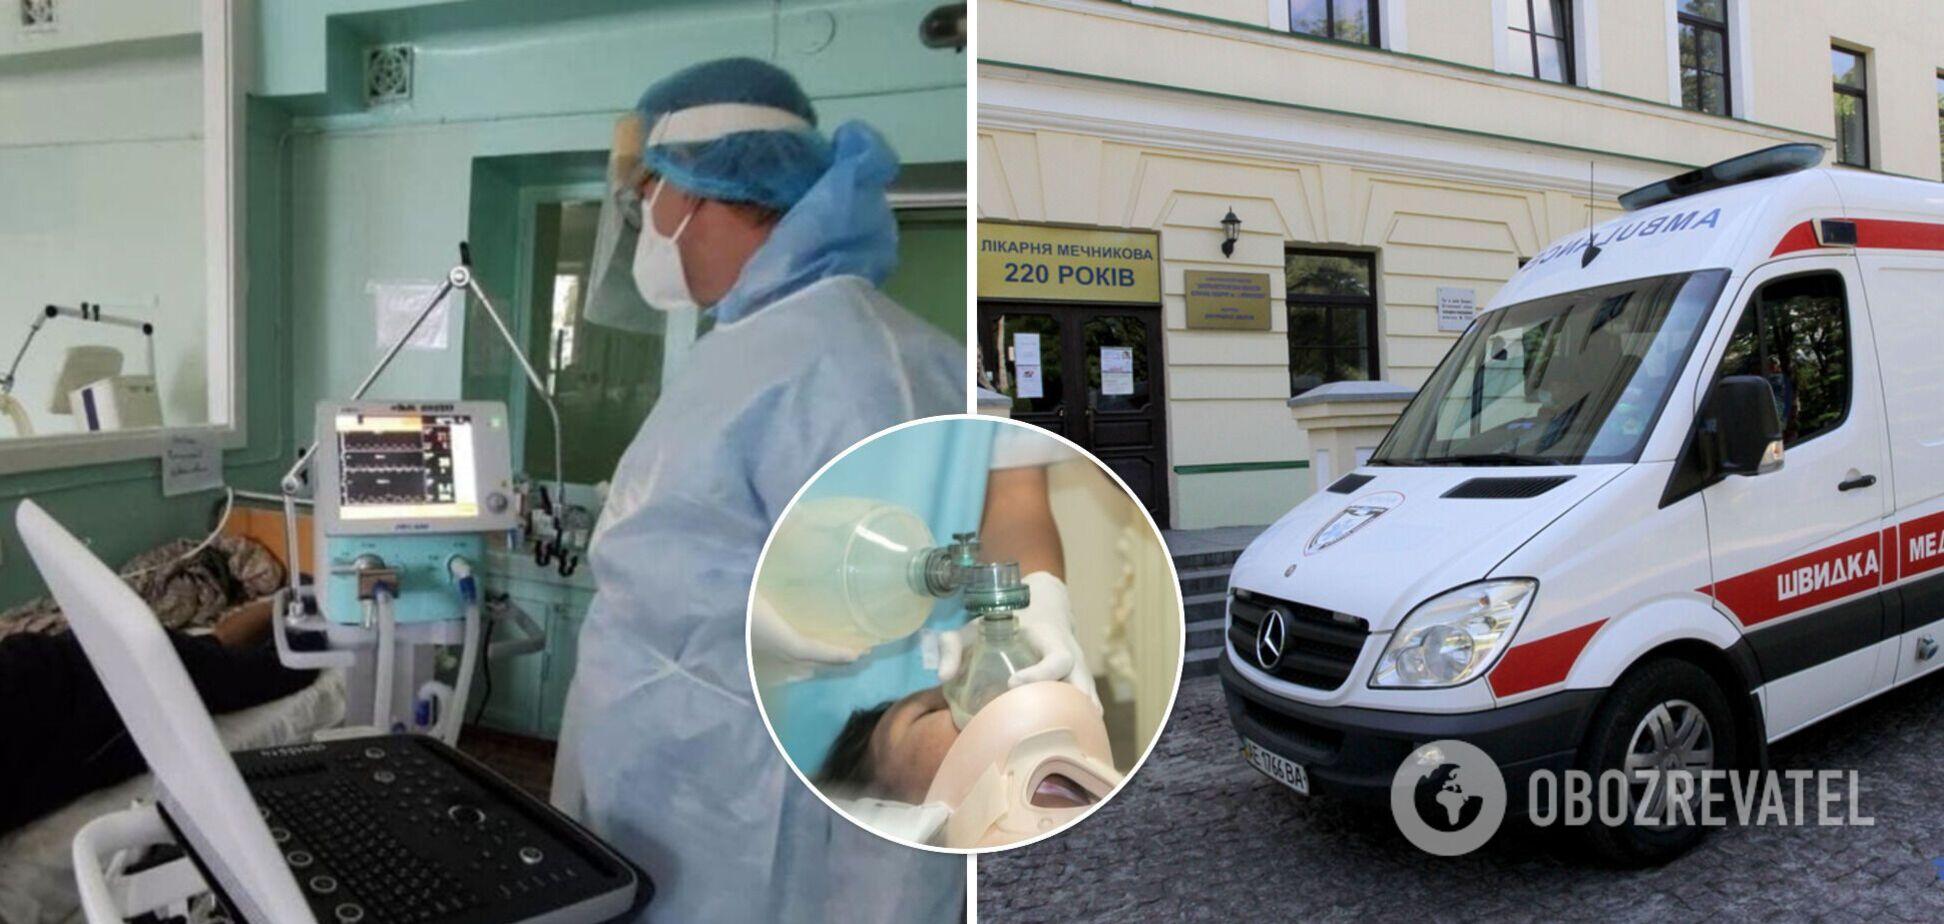 Ніхто не вакцинований: медики лікарні Мечникова рятують цілу сім'ю з важкою формою COVID-19